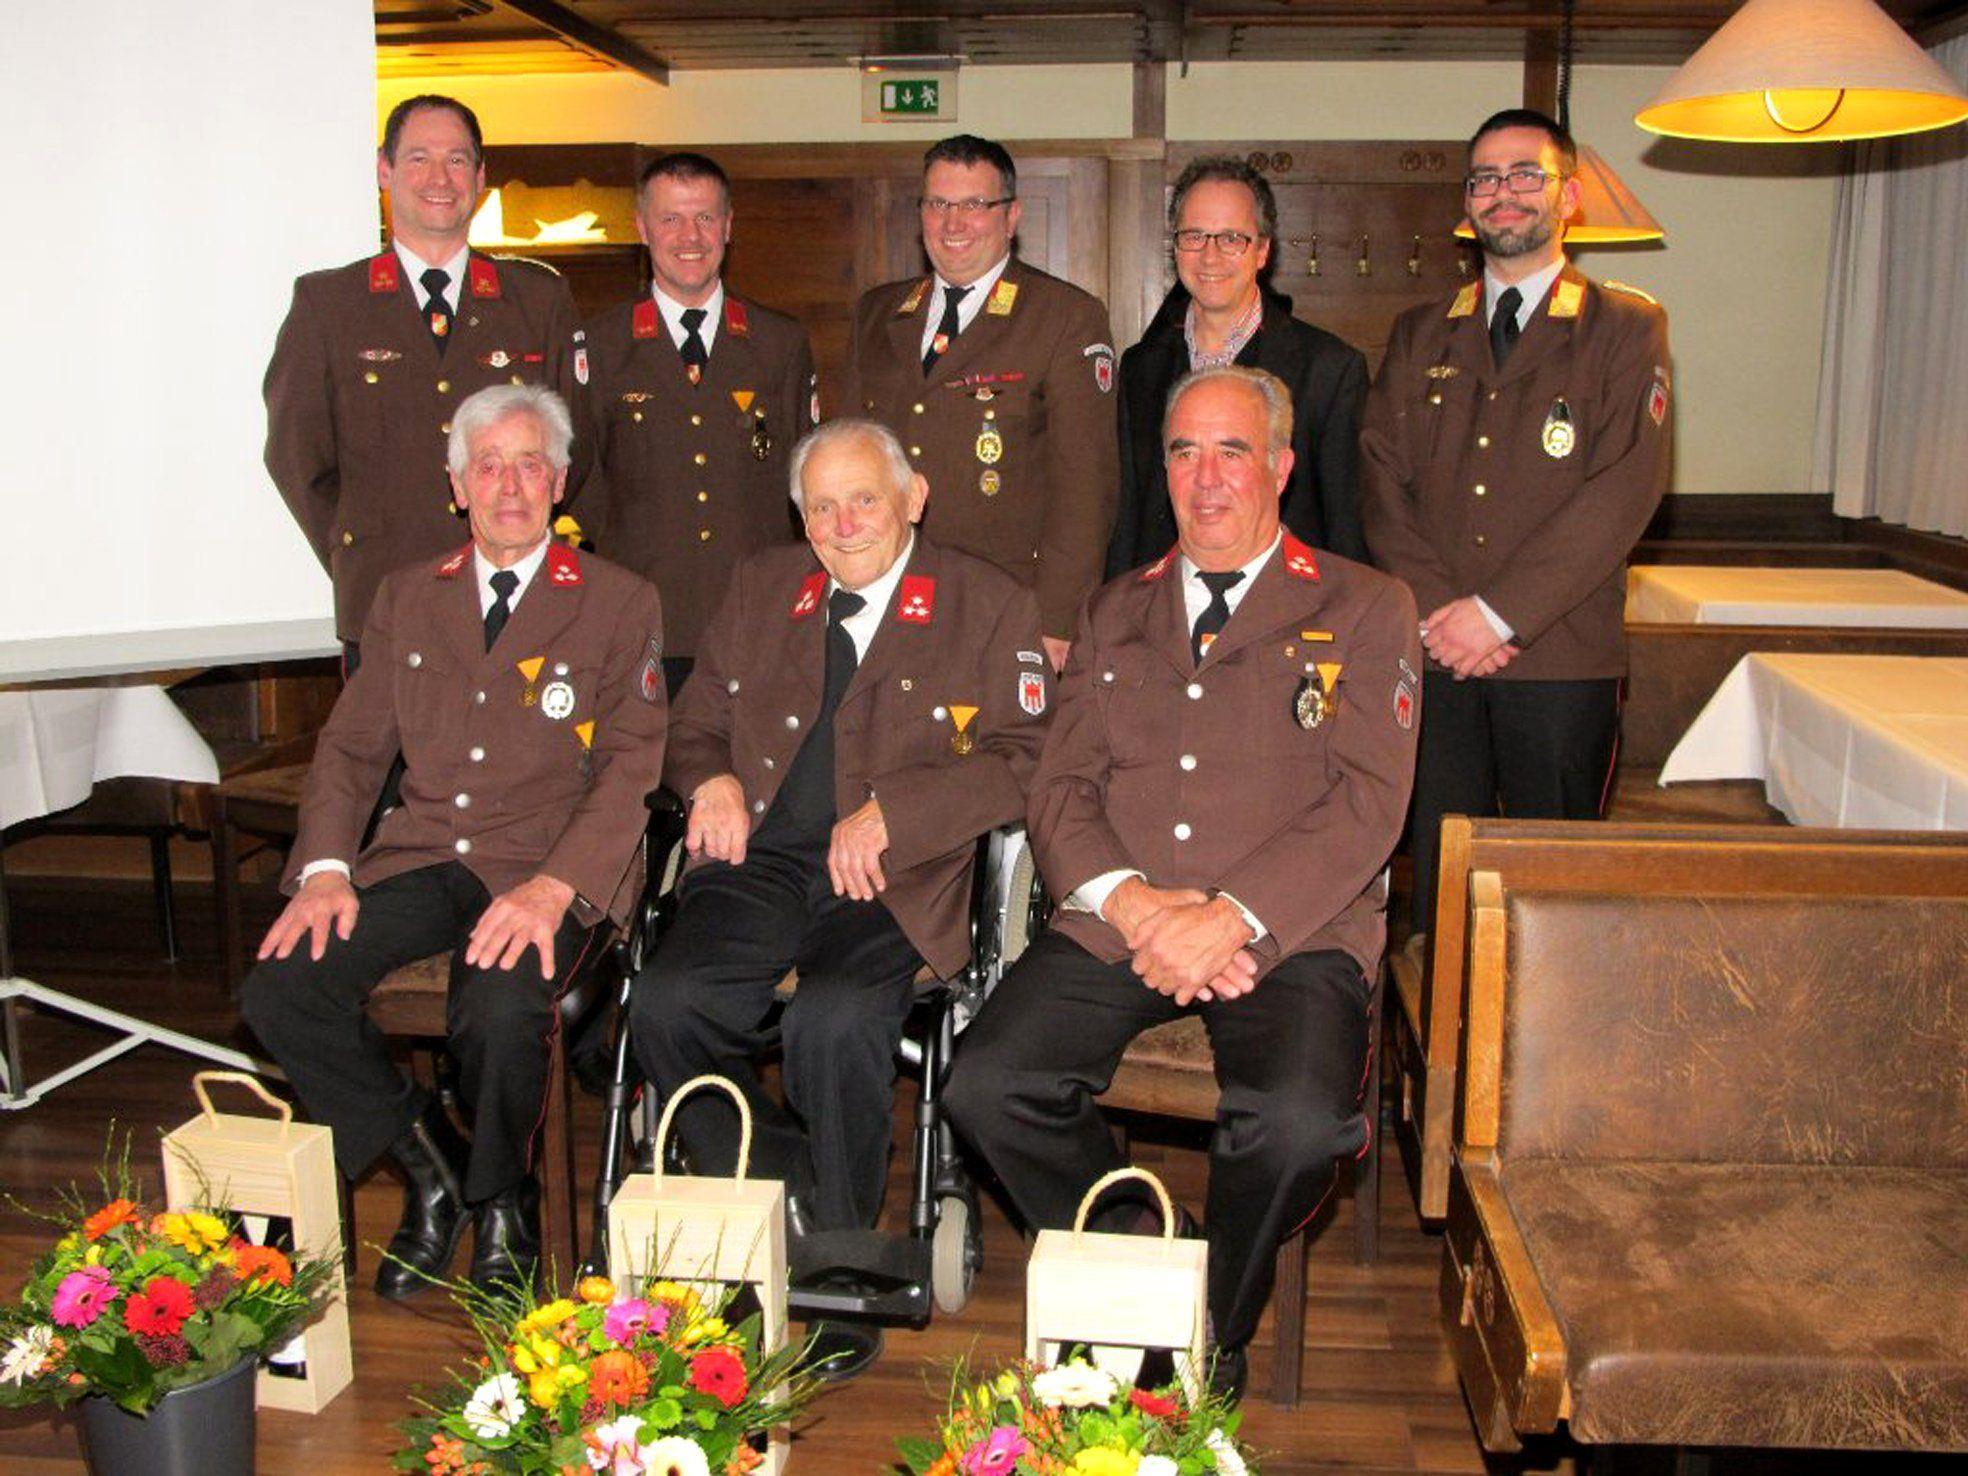 Helmut Keckeis, Armin Keckeis und Otto Kittenbaumer (vorne v.l.) wurde für jeweils 60 Jahre Dienst am nächsten geehrt.